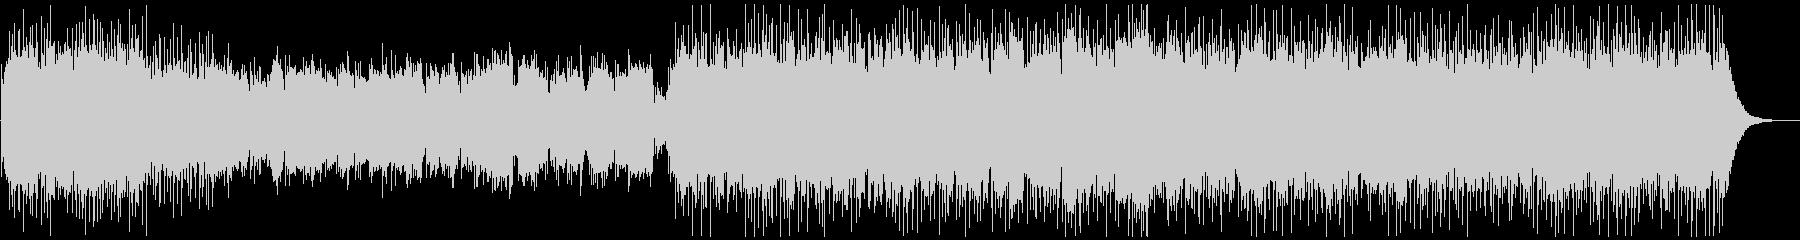 生バイオリン・アコギ・ピアノの綺麗な曲の未再生の波形